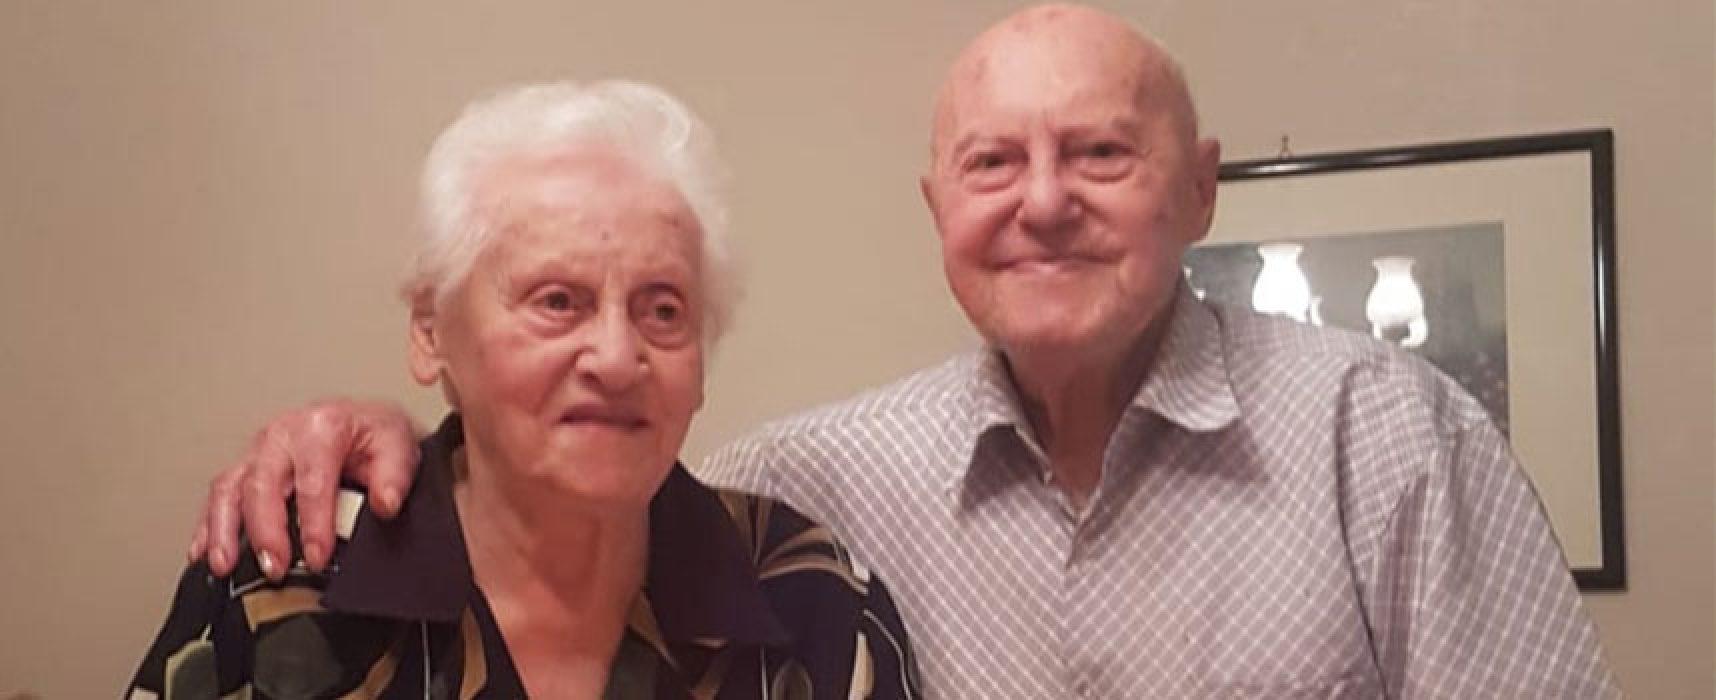 Emergenza Covid-19, Coppia biscegliese festeggia 70 anni di matrimonio lontano dagli affetti